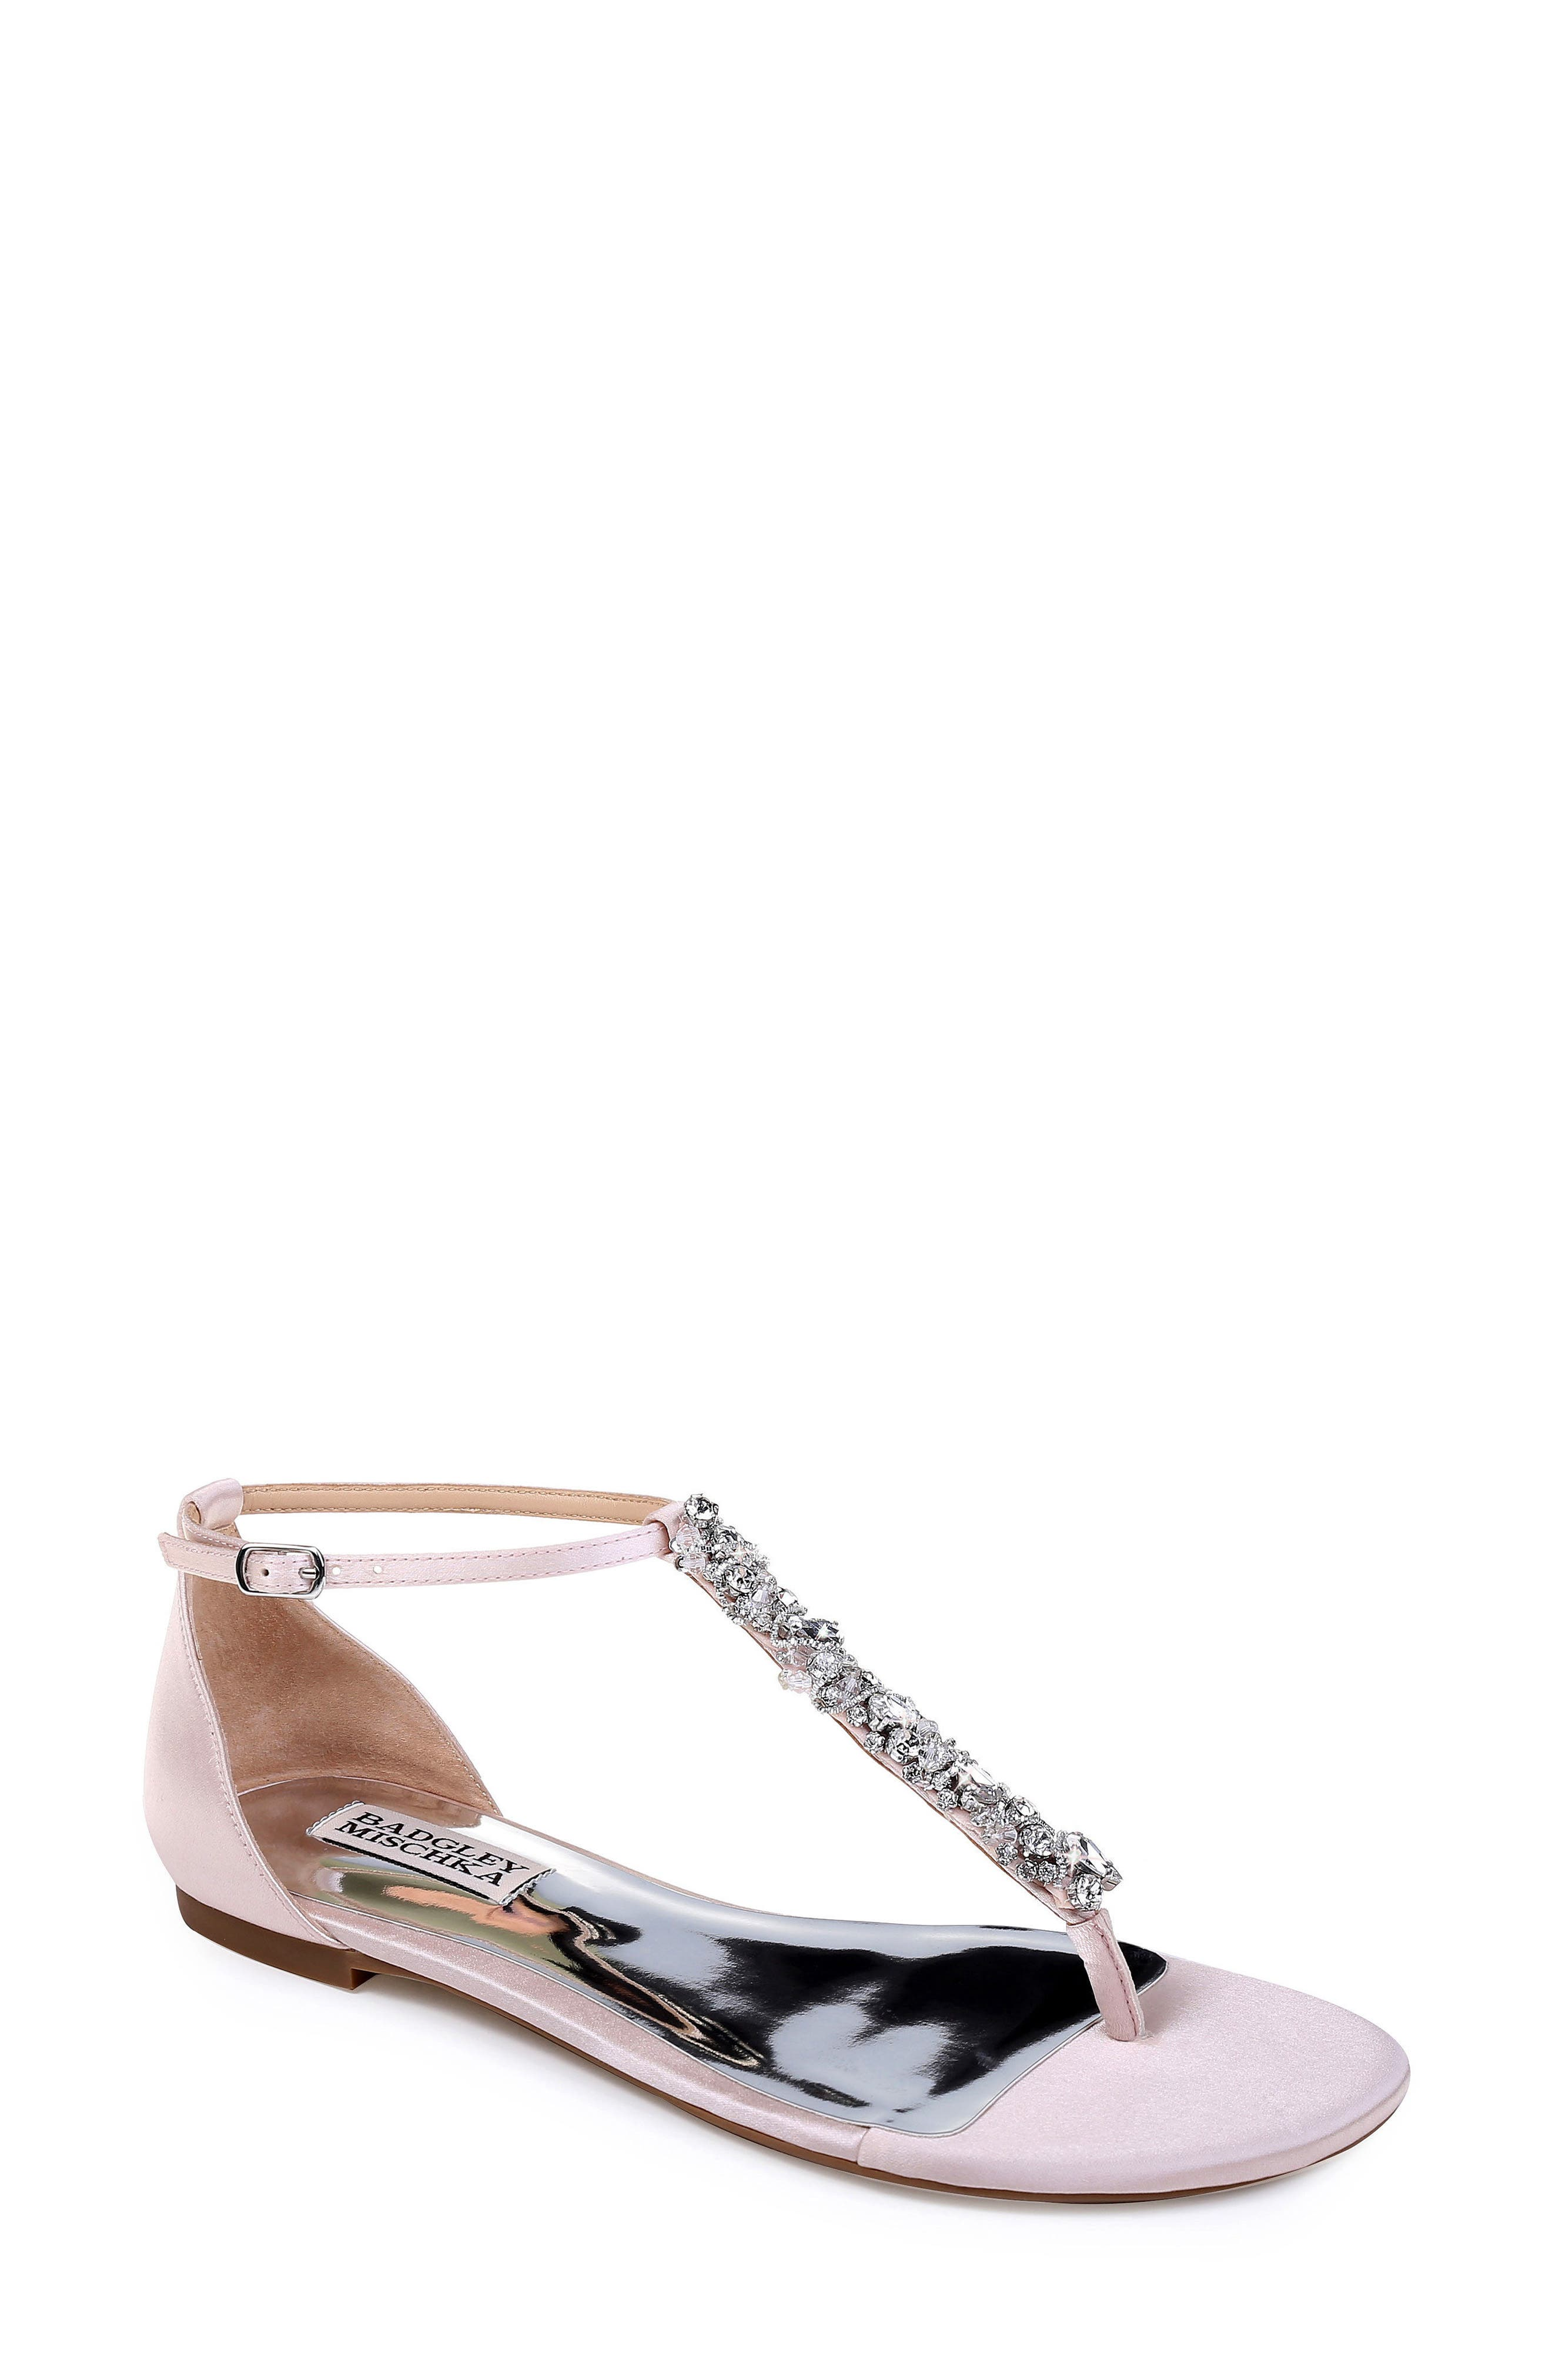 Badgley Mischka Holbrook T-Strap Sandal, Pink